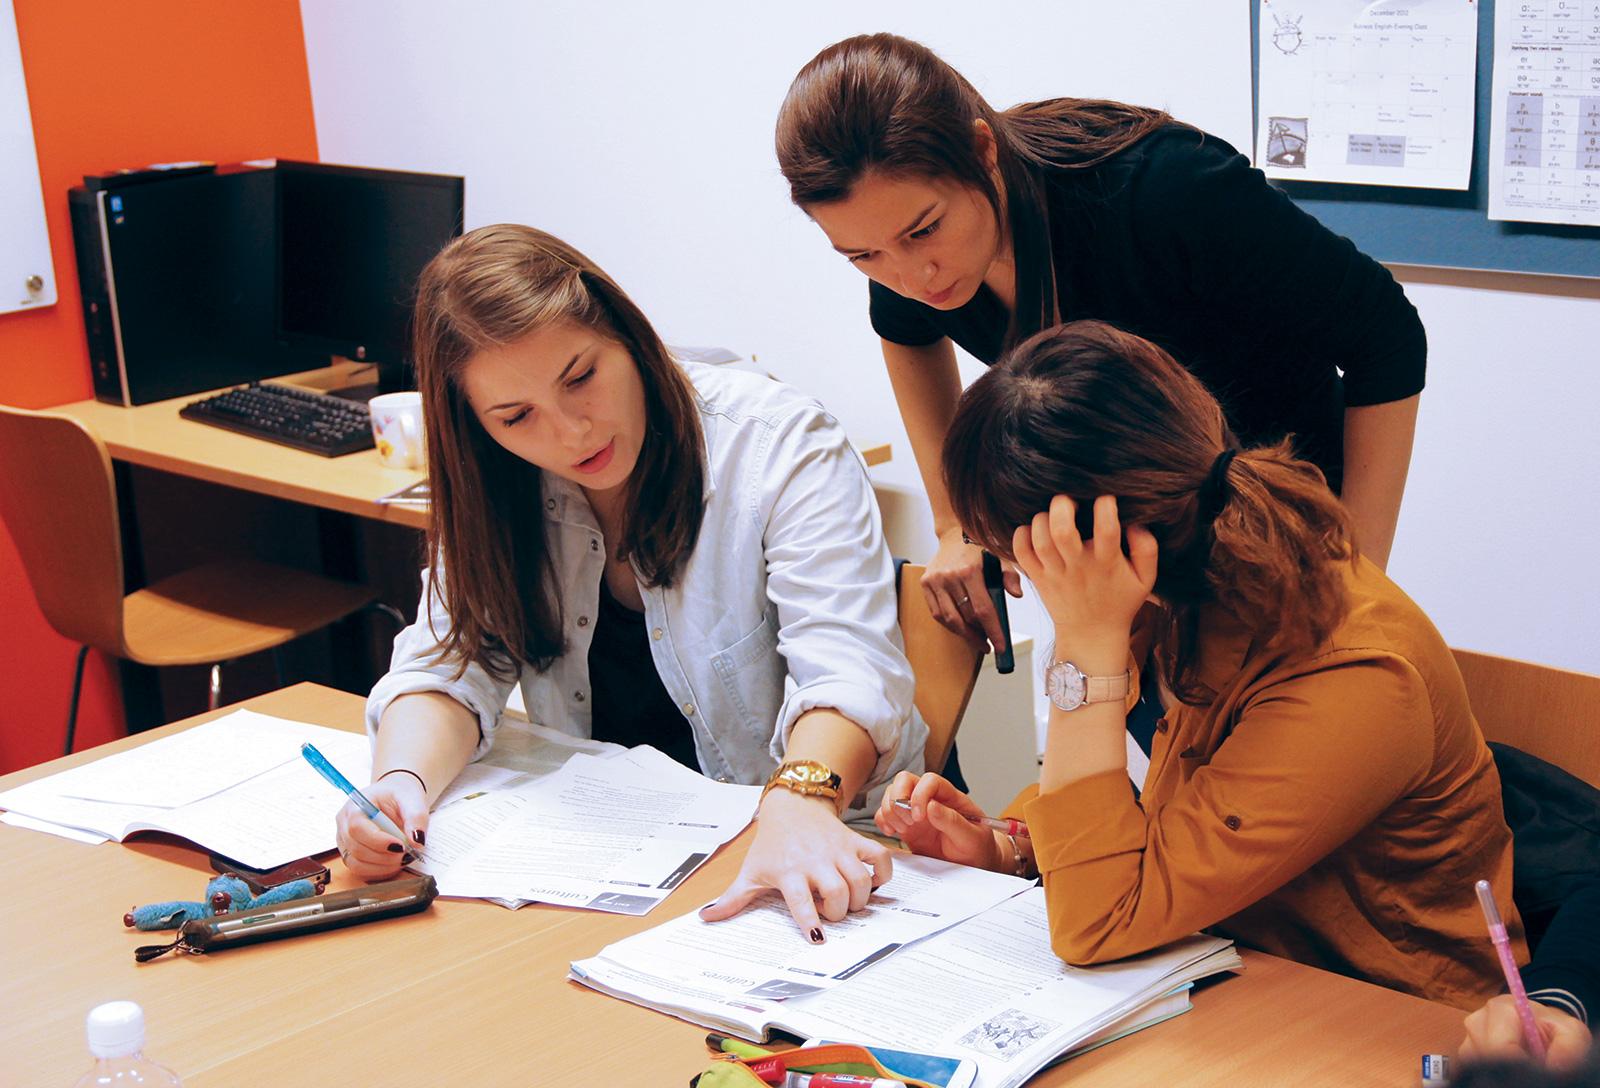 ilsc-sydney-campus-teacher-students